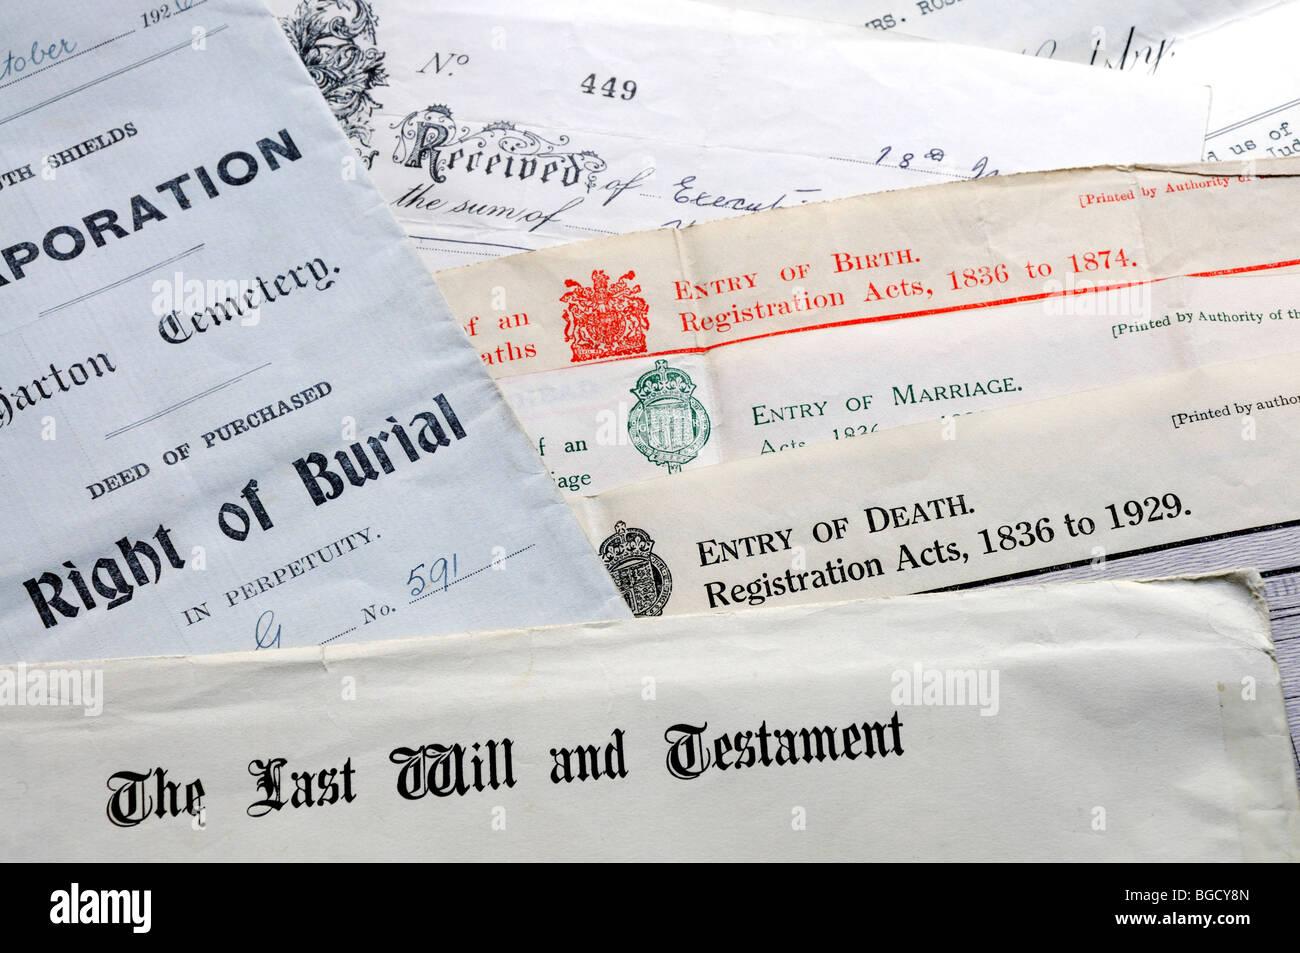 Genealogie-Dokumente - Zertifikate von Geburt, Heirat und Tod, Bestattung und letzten Willen und testament Stockbild